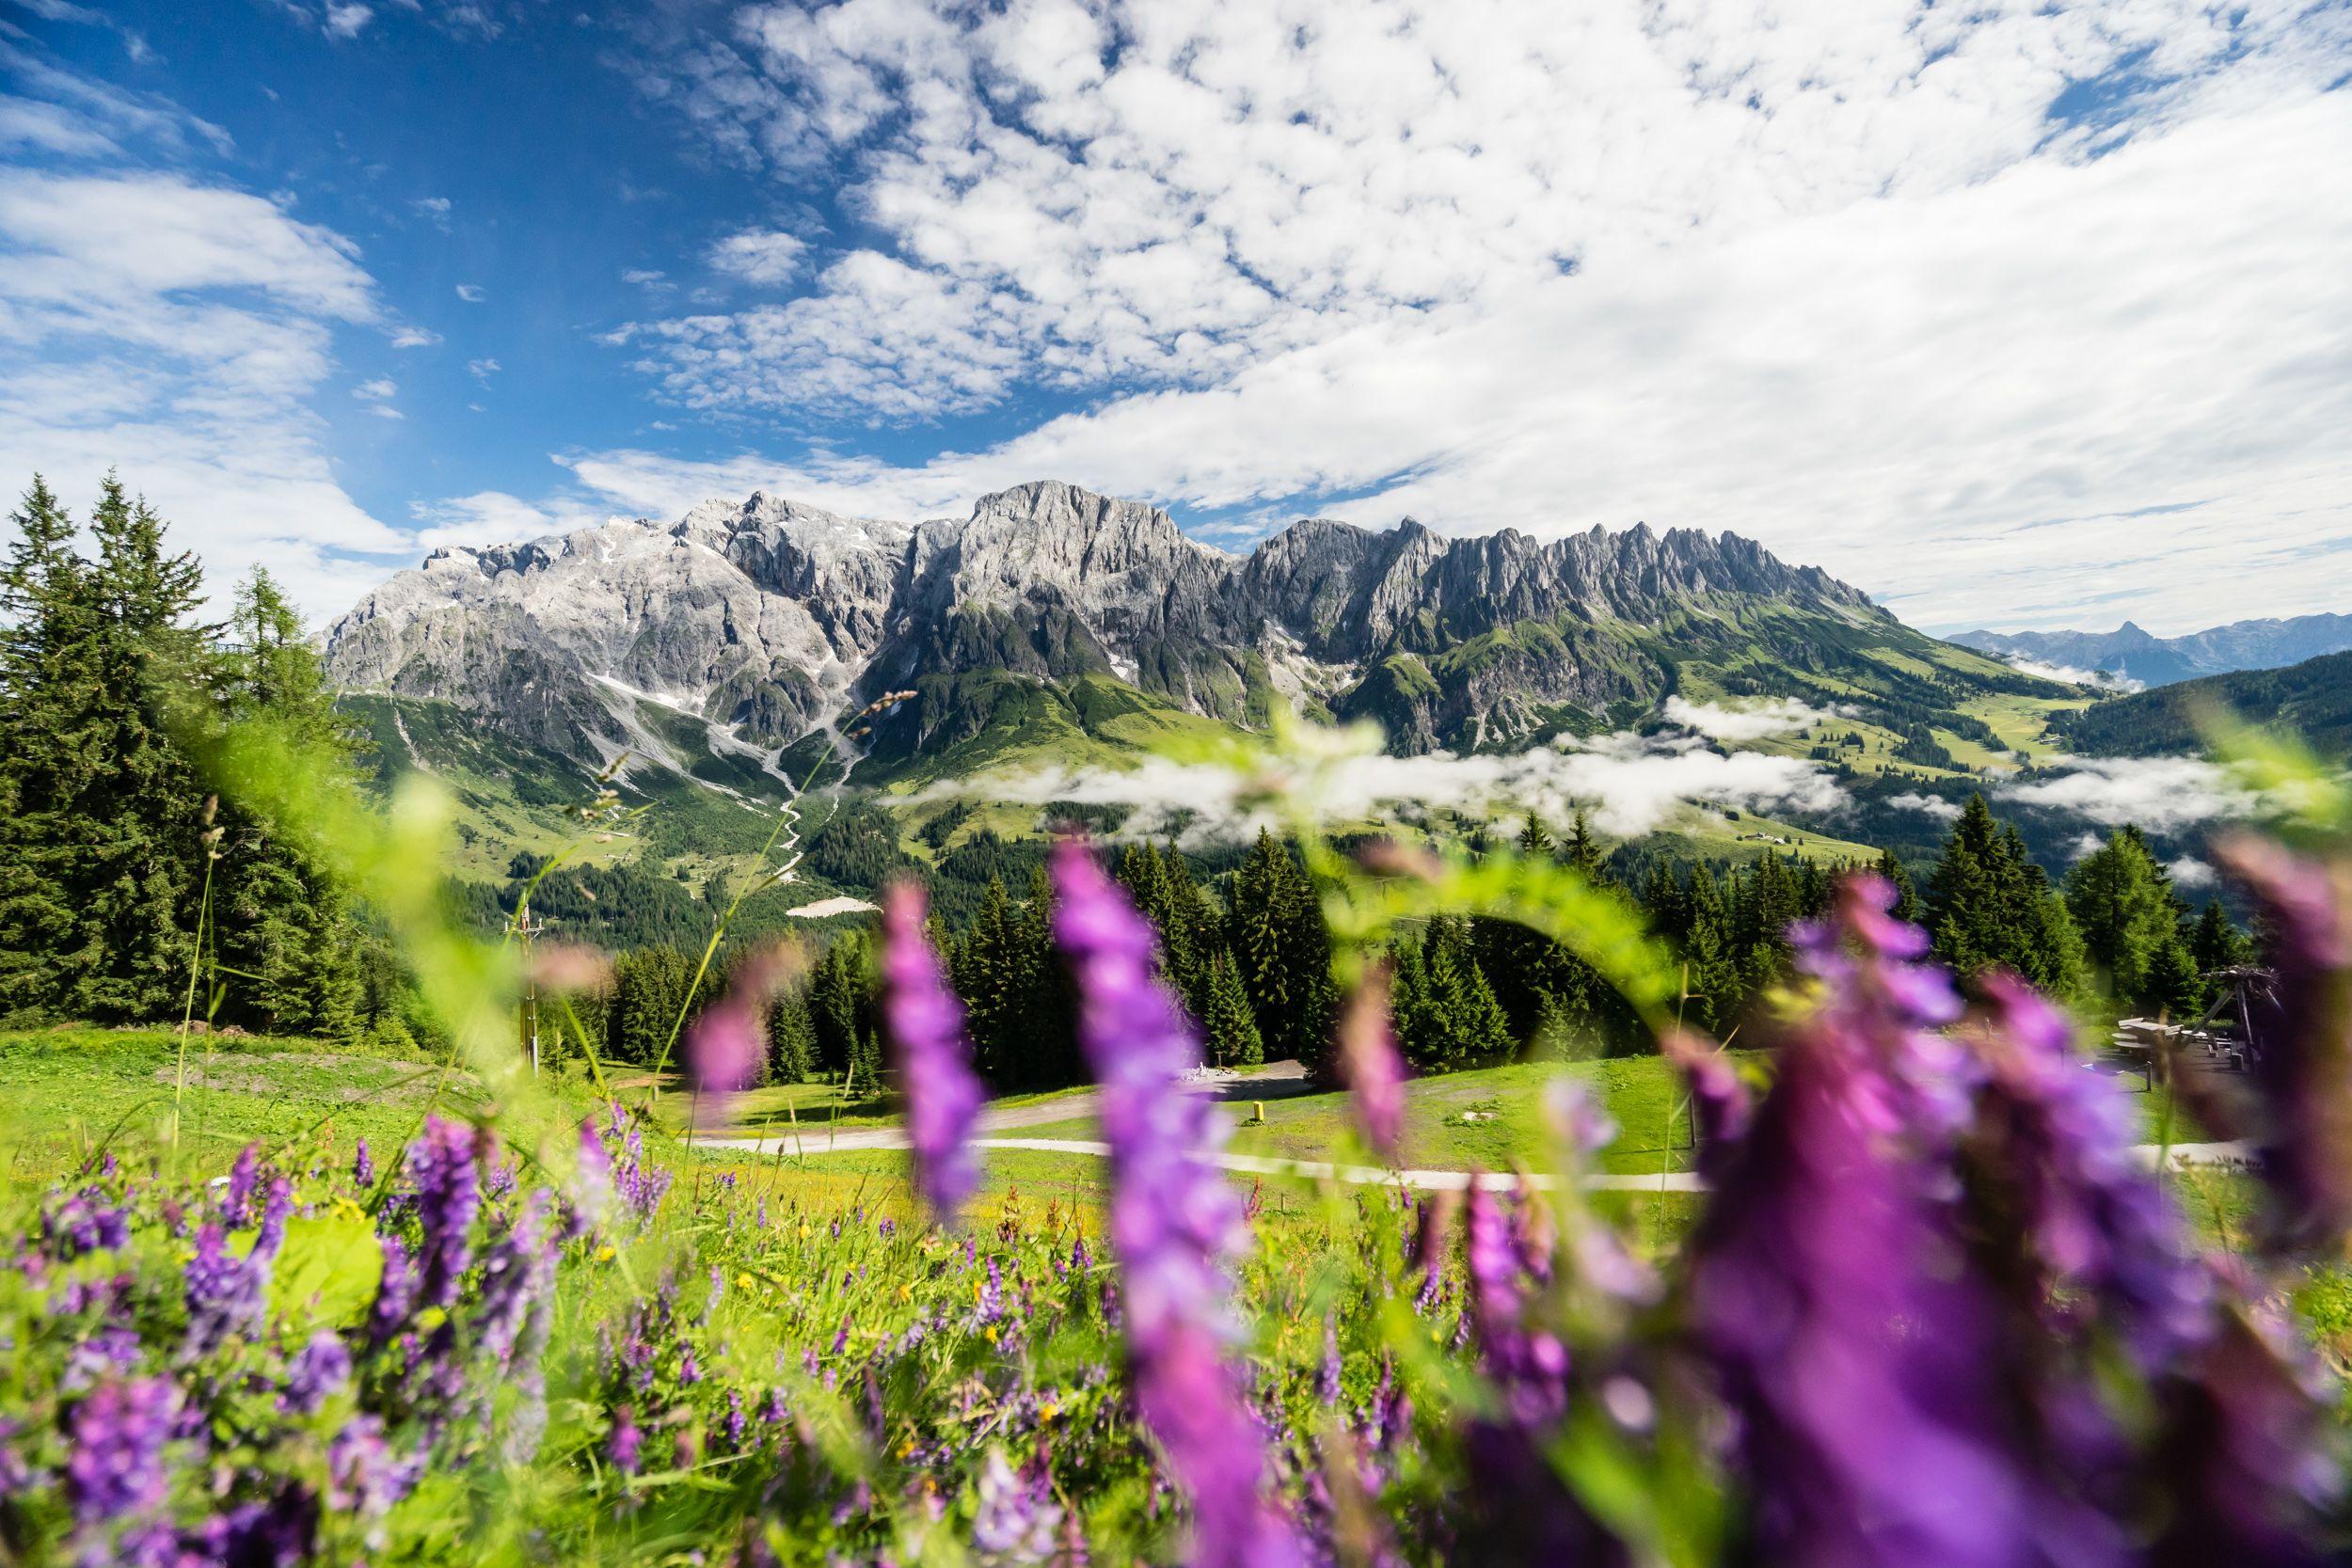 Wanderung zum Schneeberg